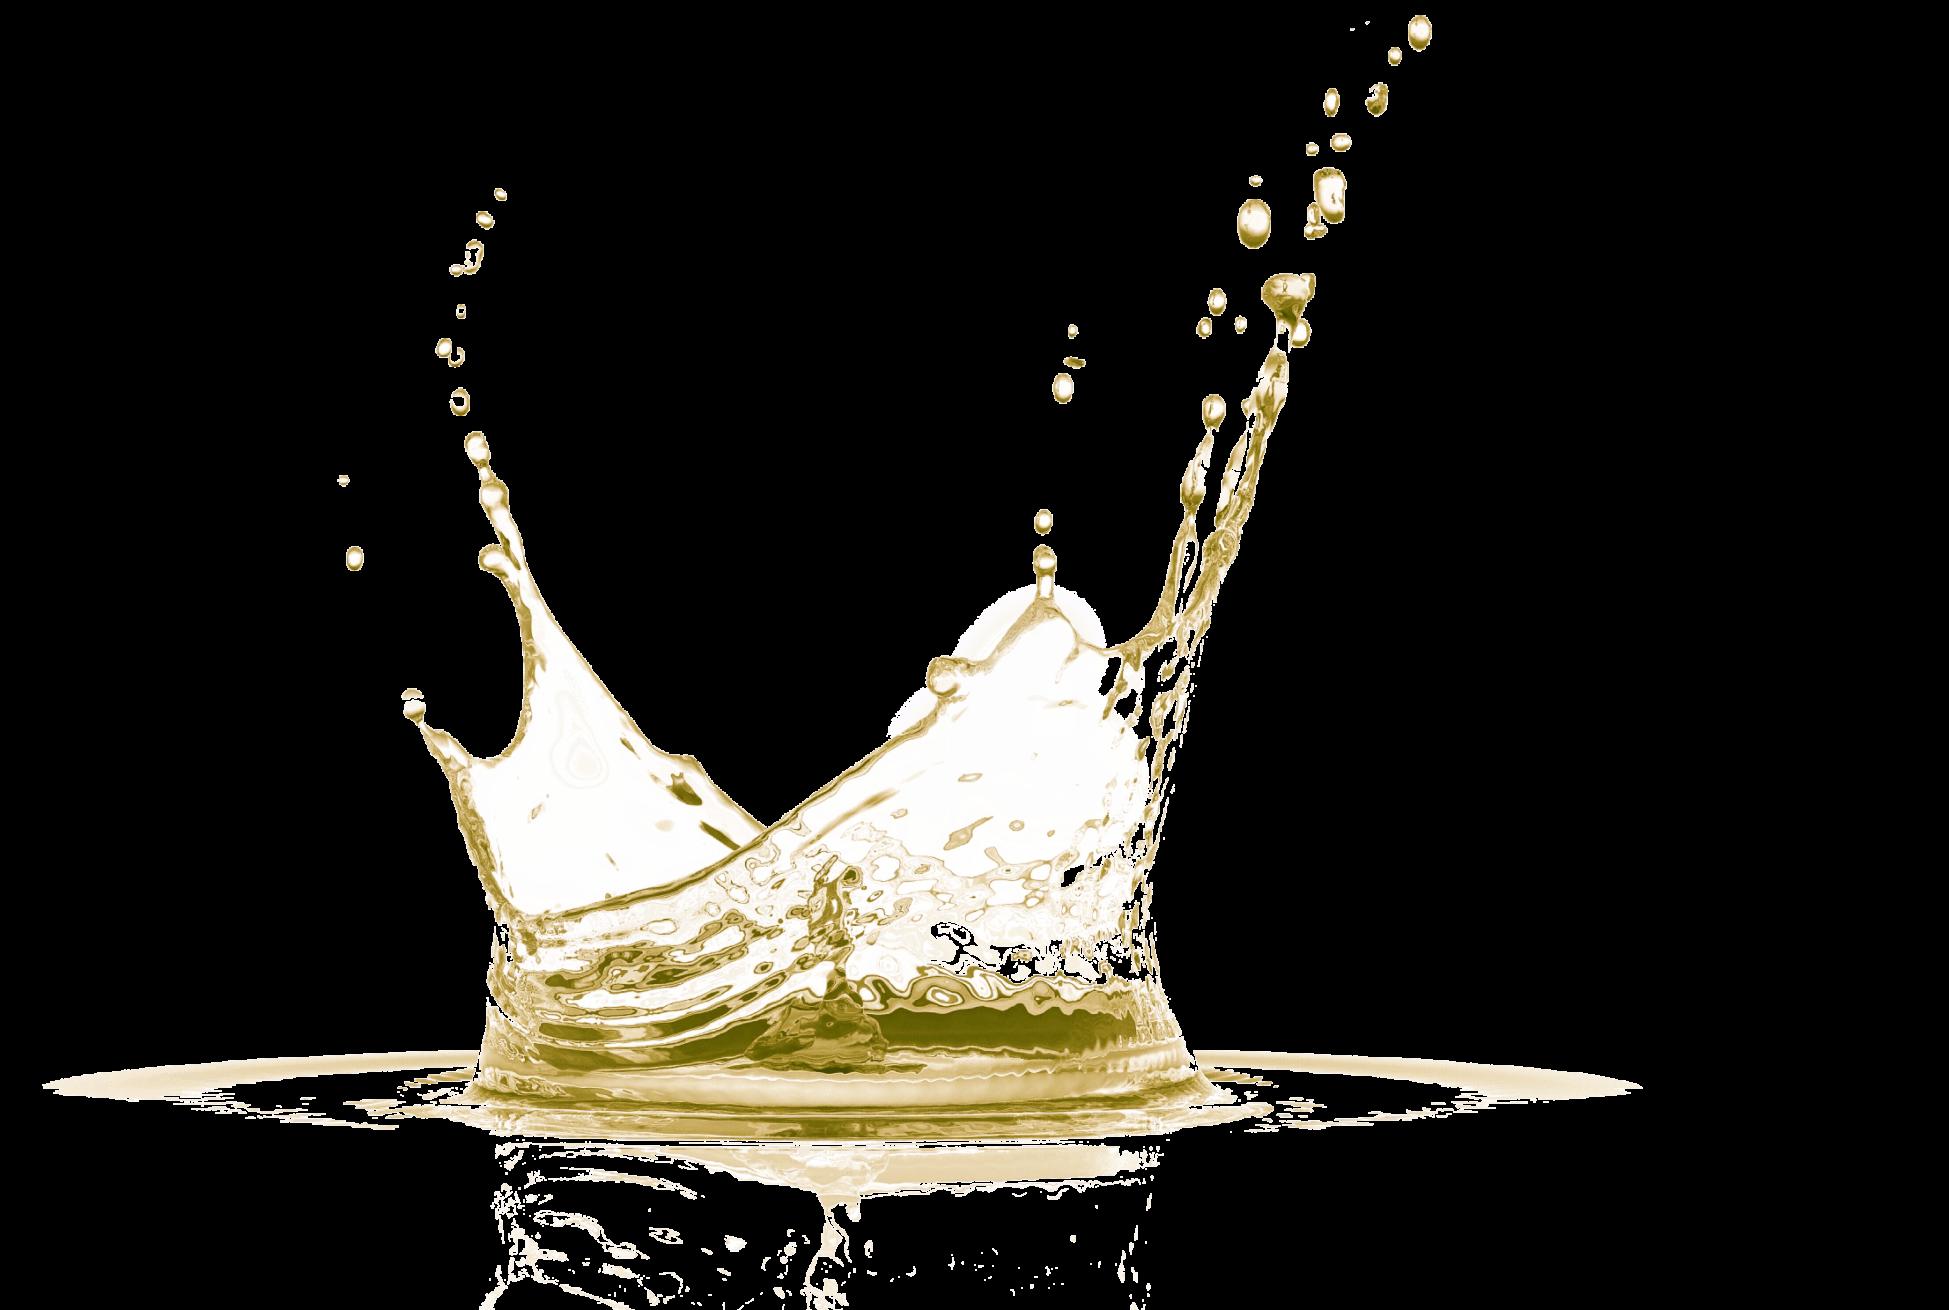 Oil Splash Png 4 Png Image Oils Splash Png